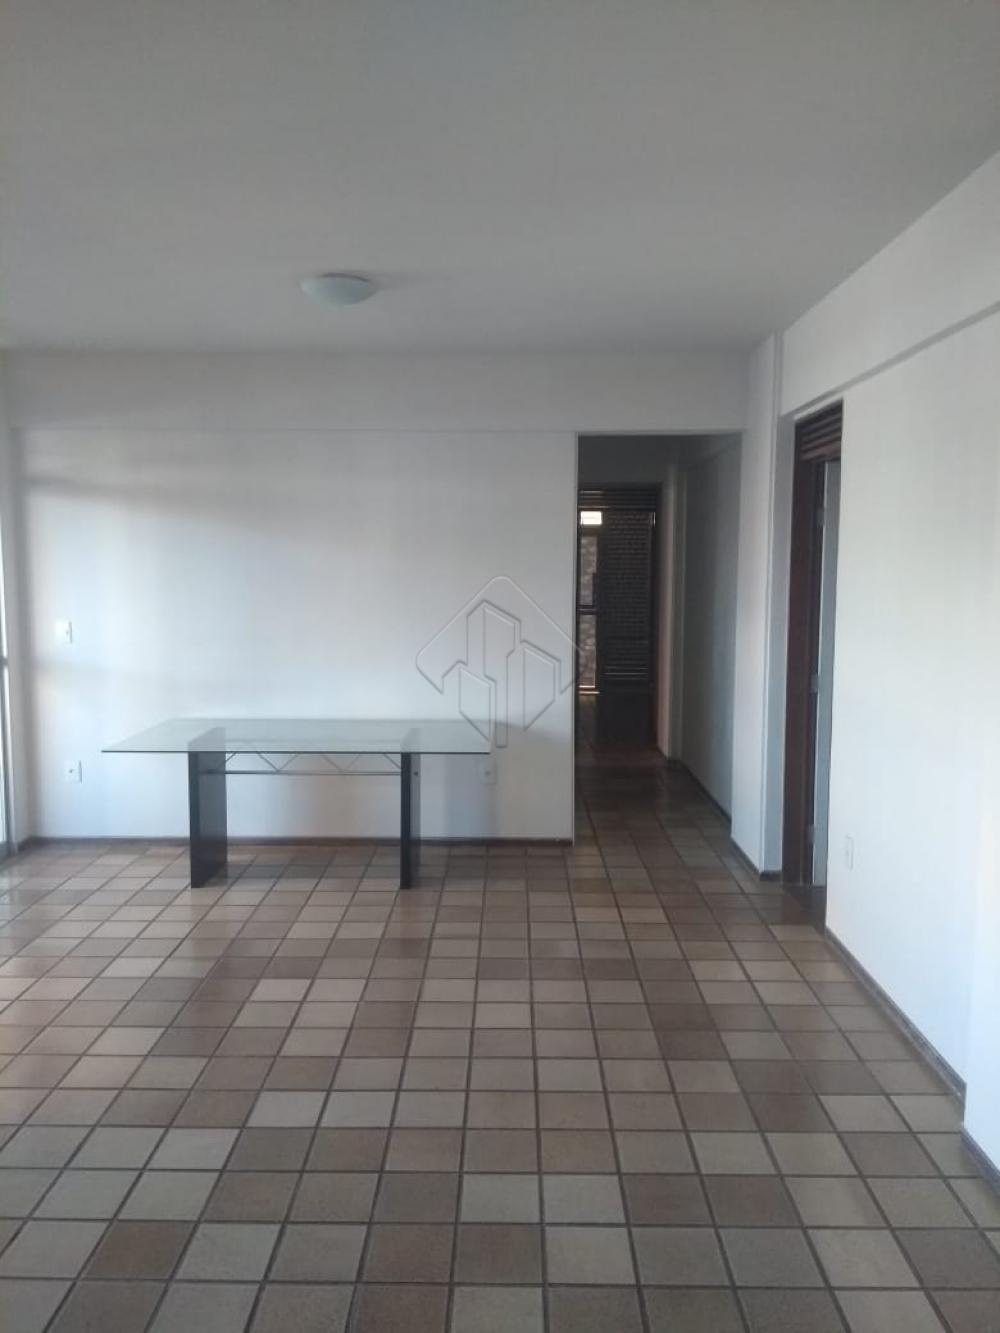 Comprar Apartamento / Padrão em João Pessoa apenas R$ 300.000,00 - Foto 92